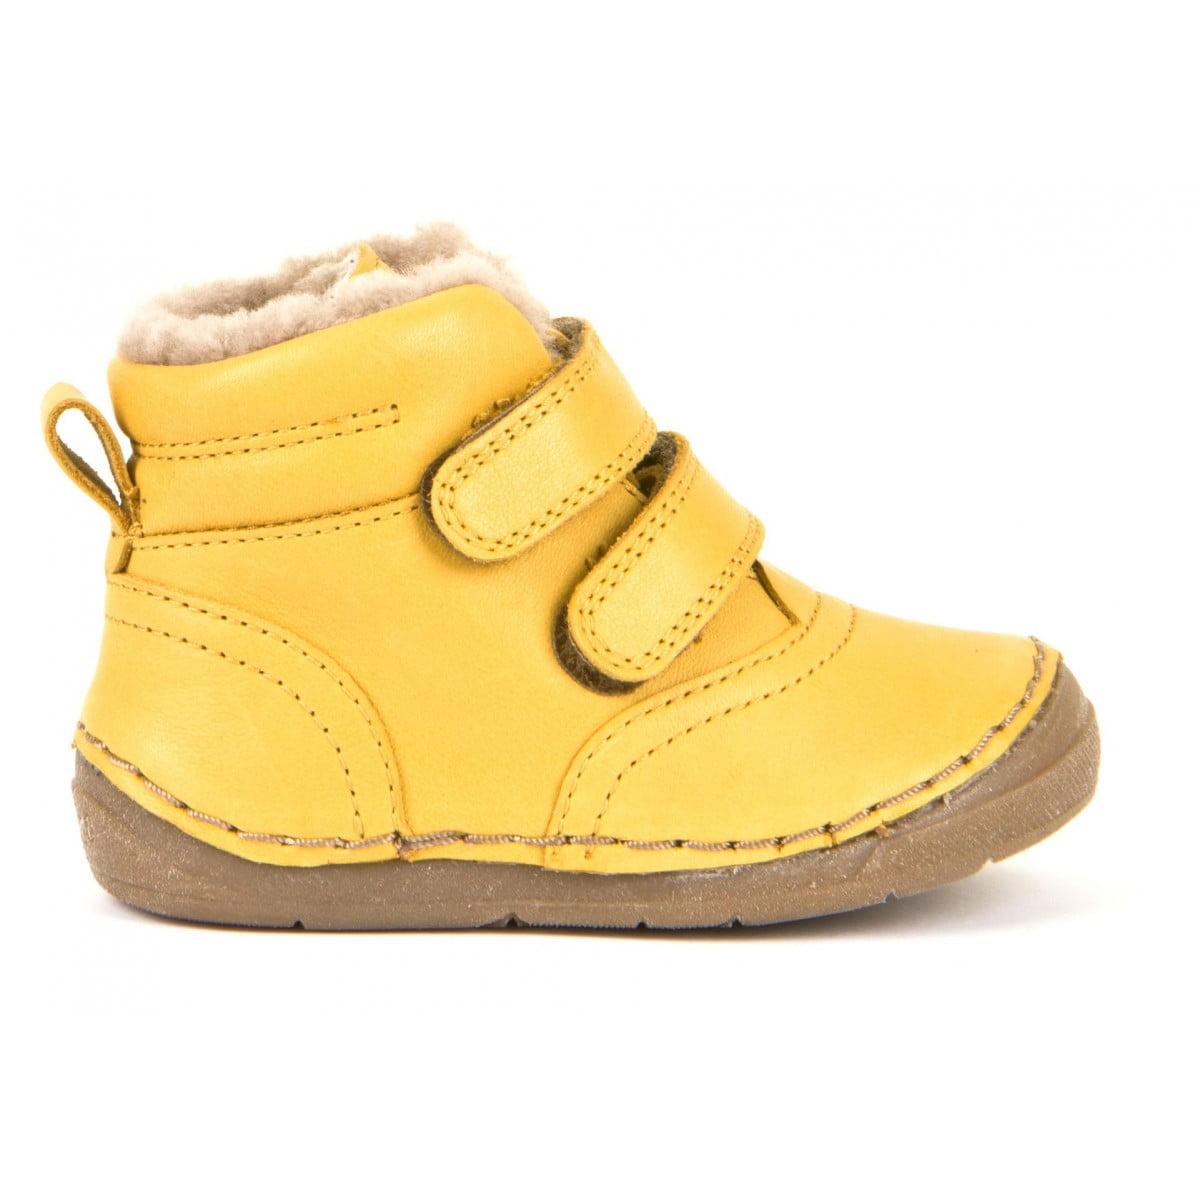 Ghete din piele cu velcro căptuşite cu blană de miel şi talpă flexibilă yellow Froddo 2